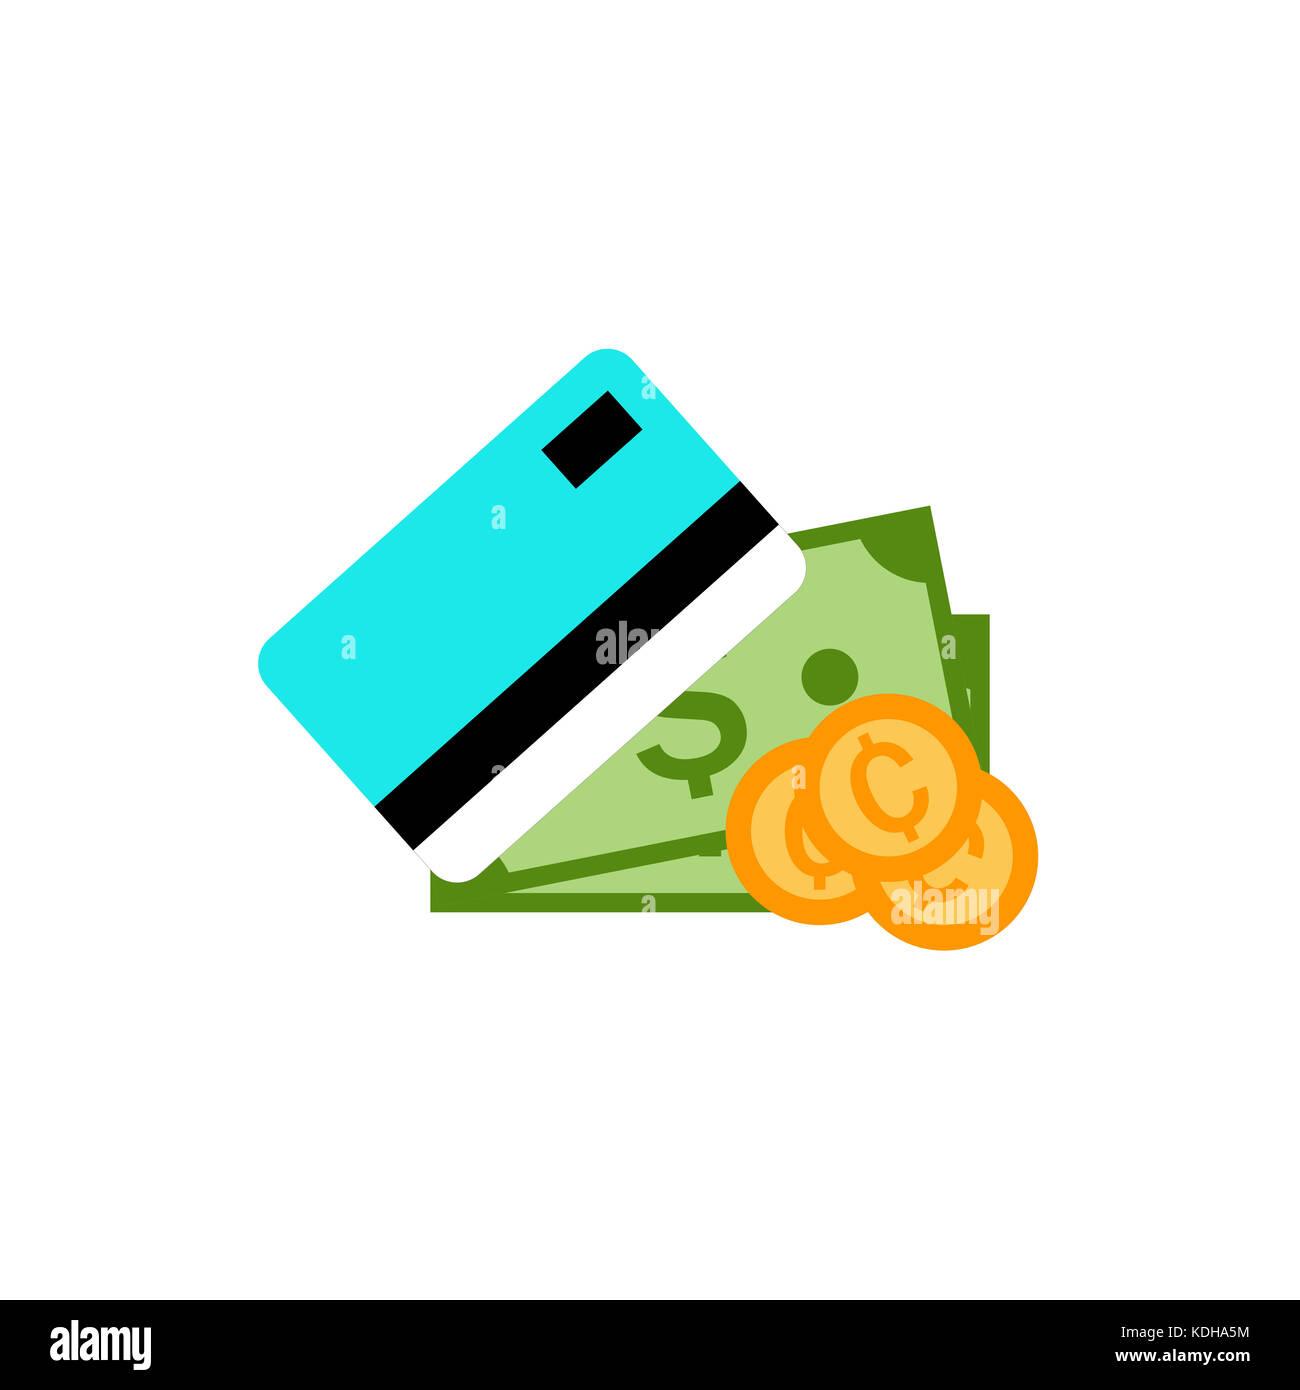 Il metodo di pagamento semplice illustrazione grafica Immagini Stock